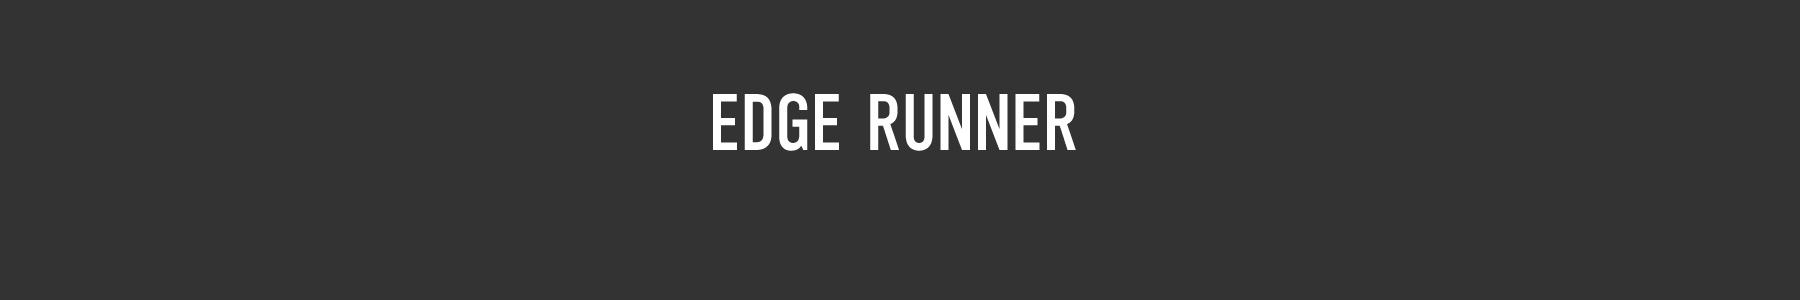 Pc edge runner